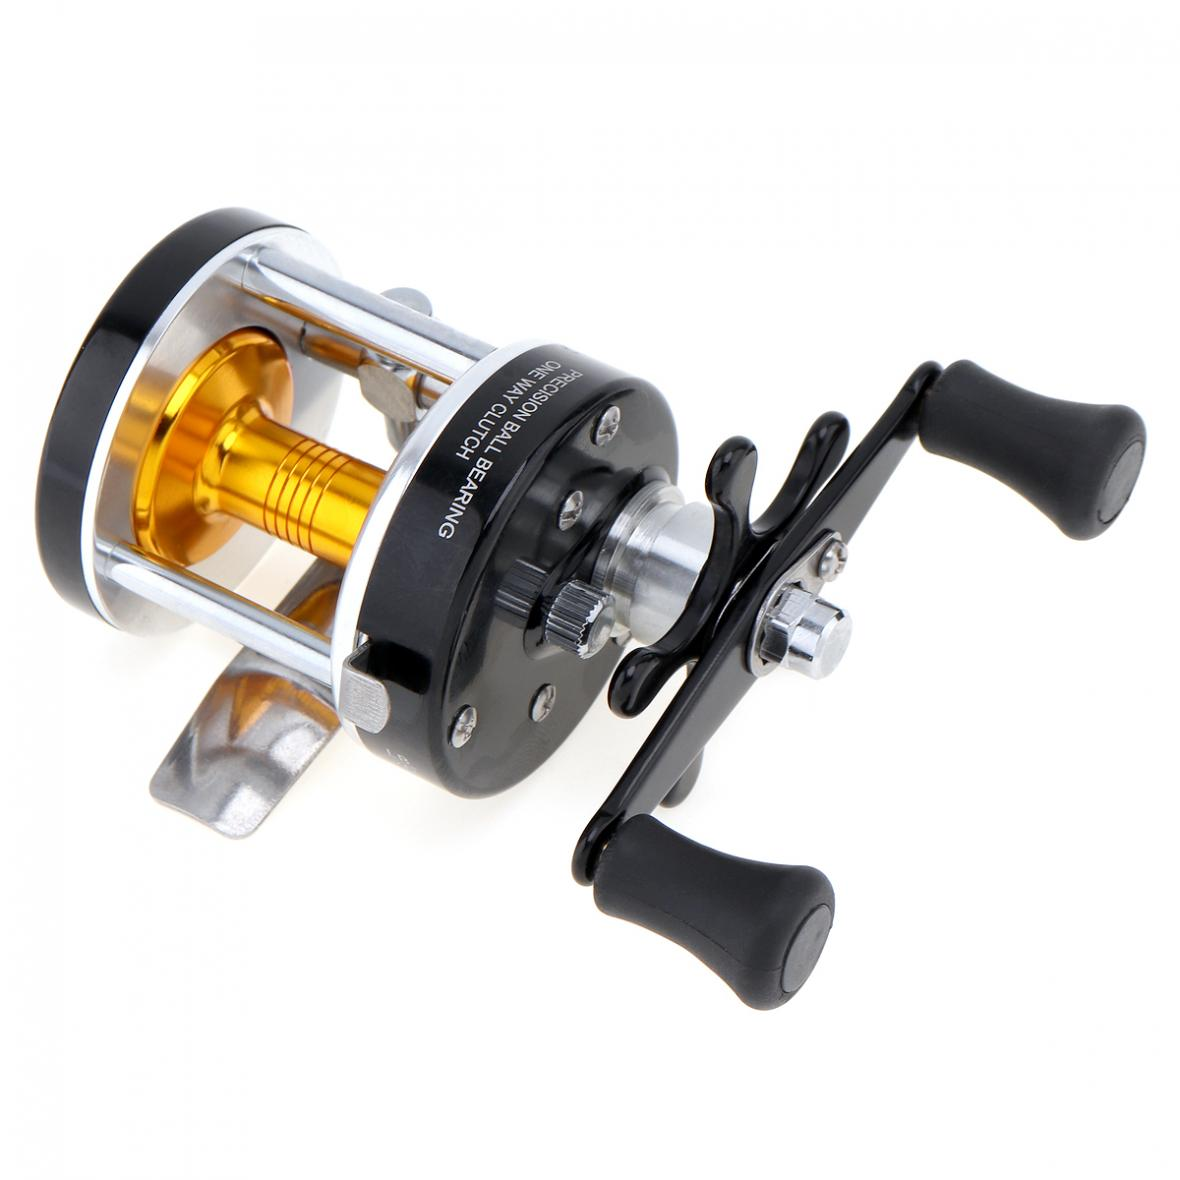 Steel R//F 6+1 Baitcasting Wheel Reel Trolling Fishing Reels Bearing Drum Tool